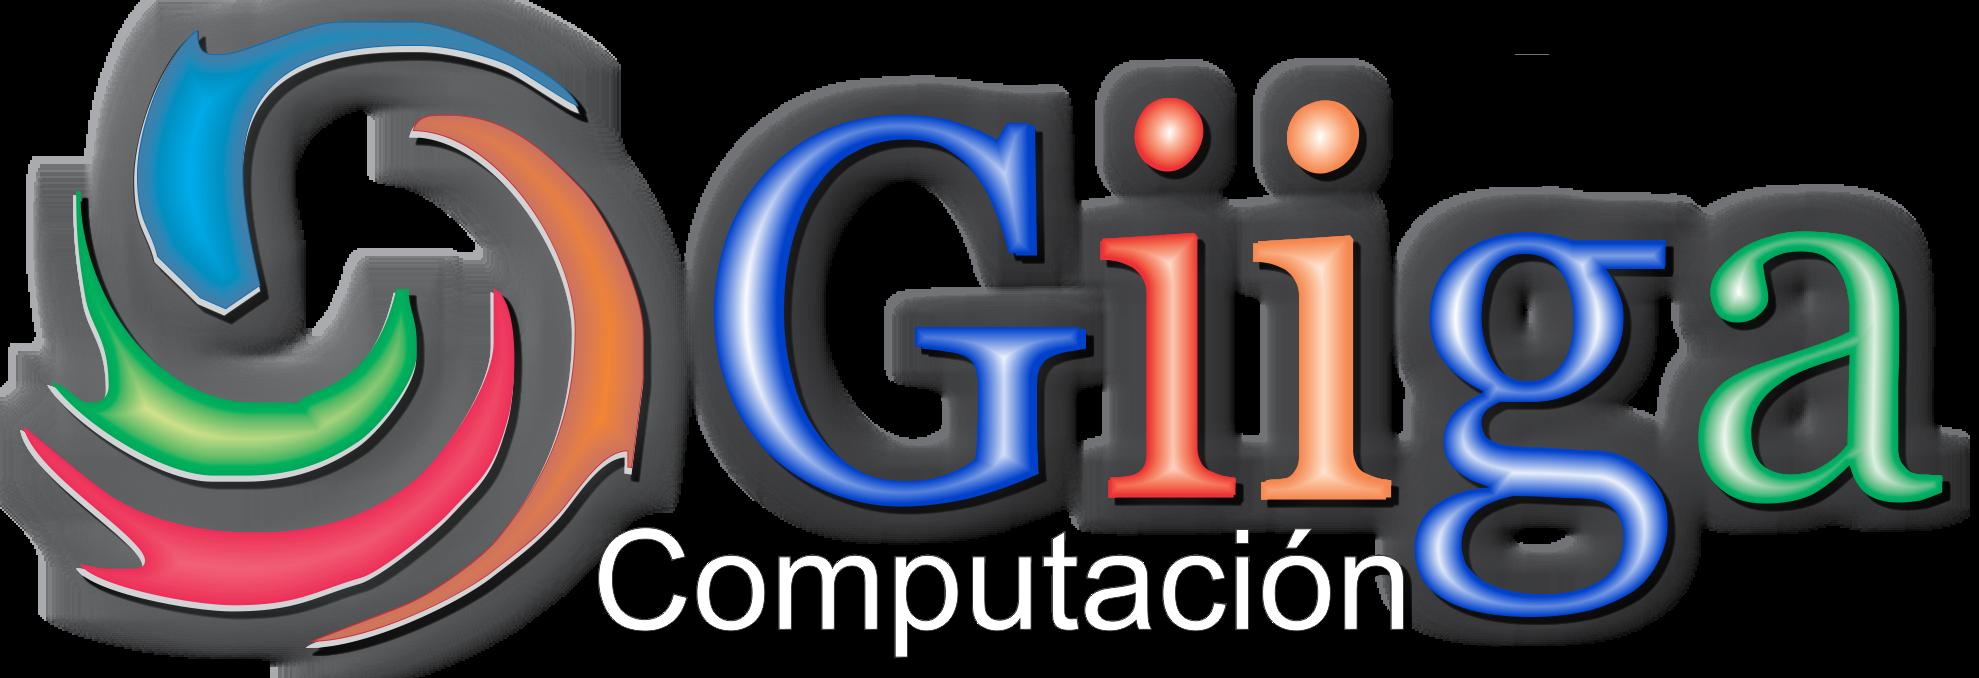 Giiga Computación